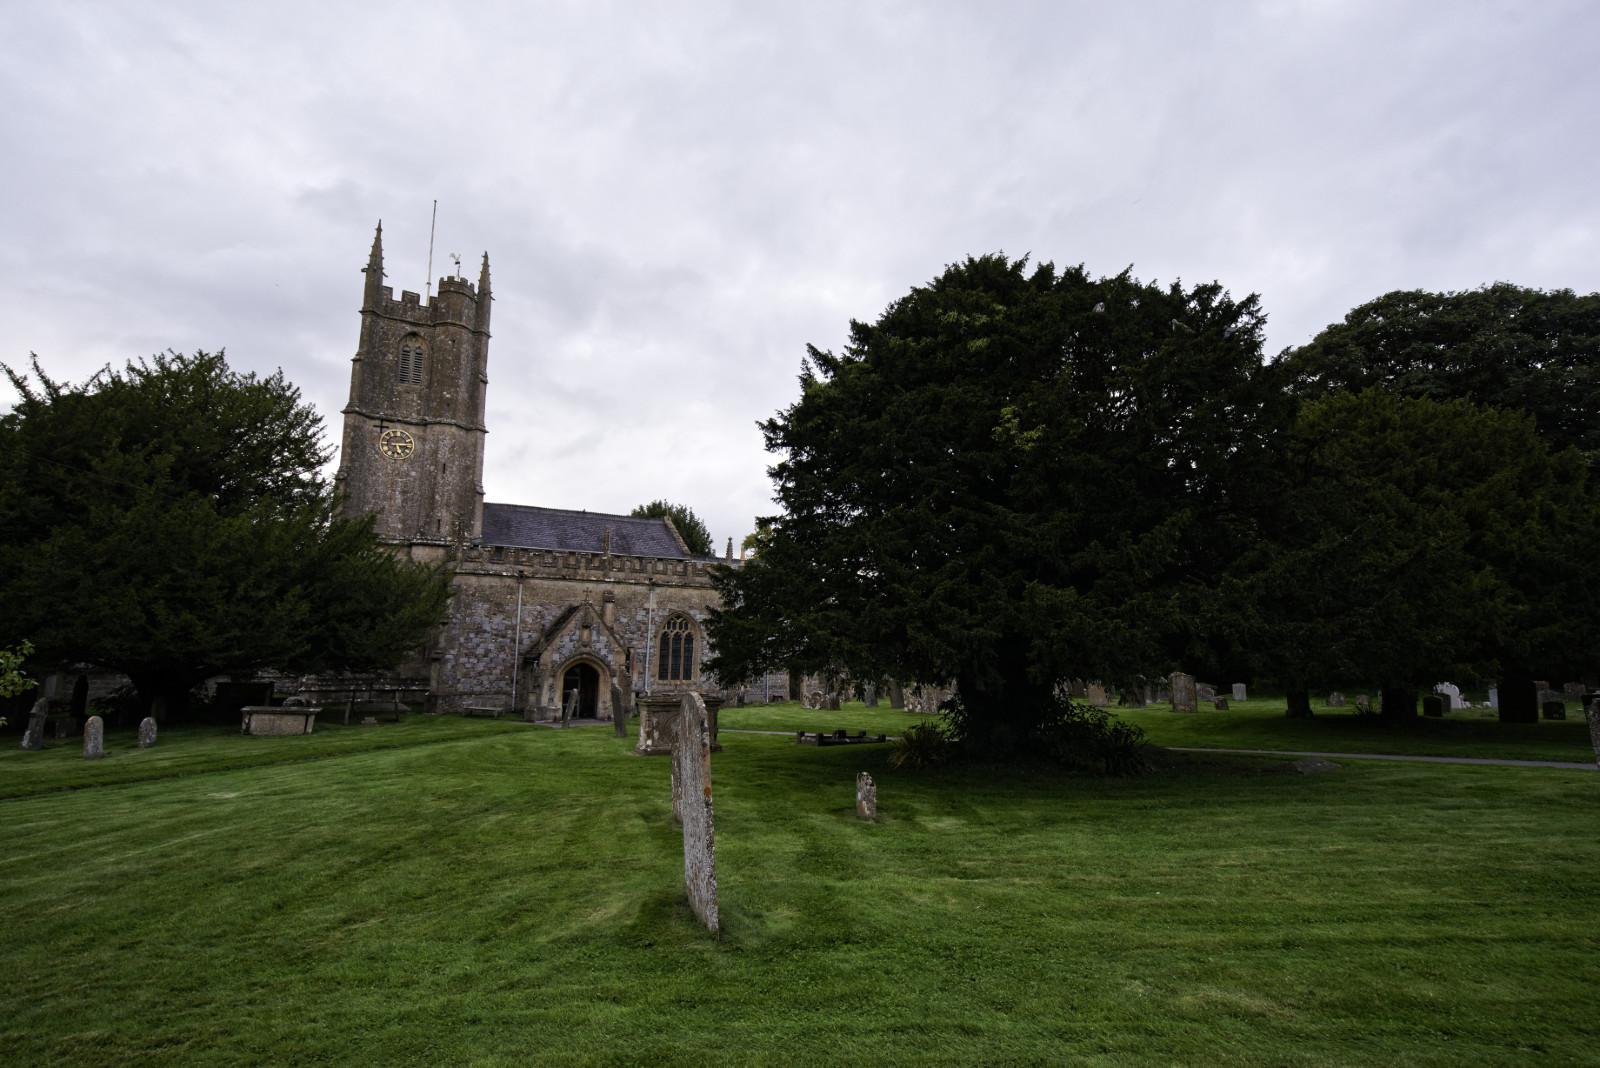 Wiltshire, August 2017